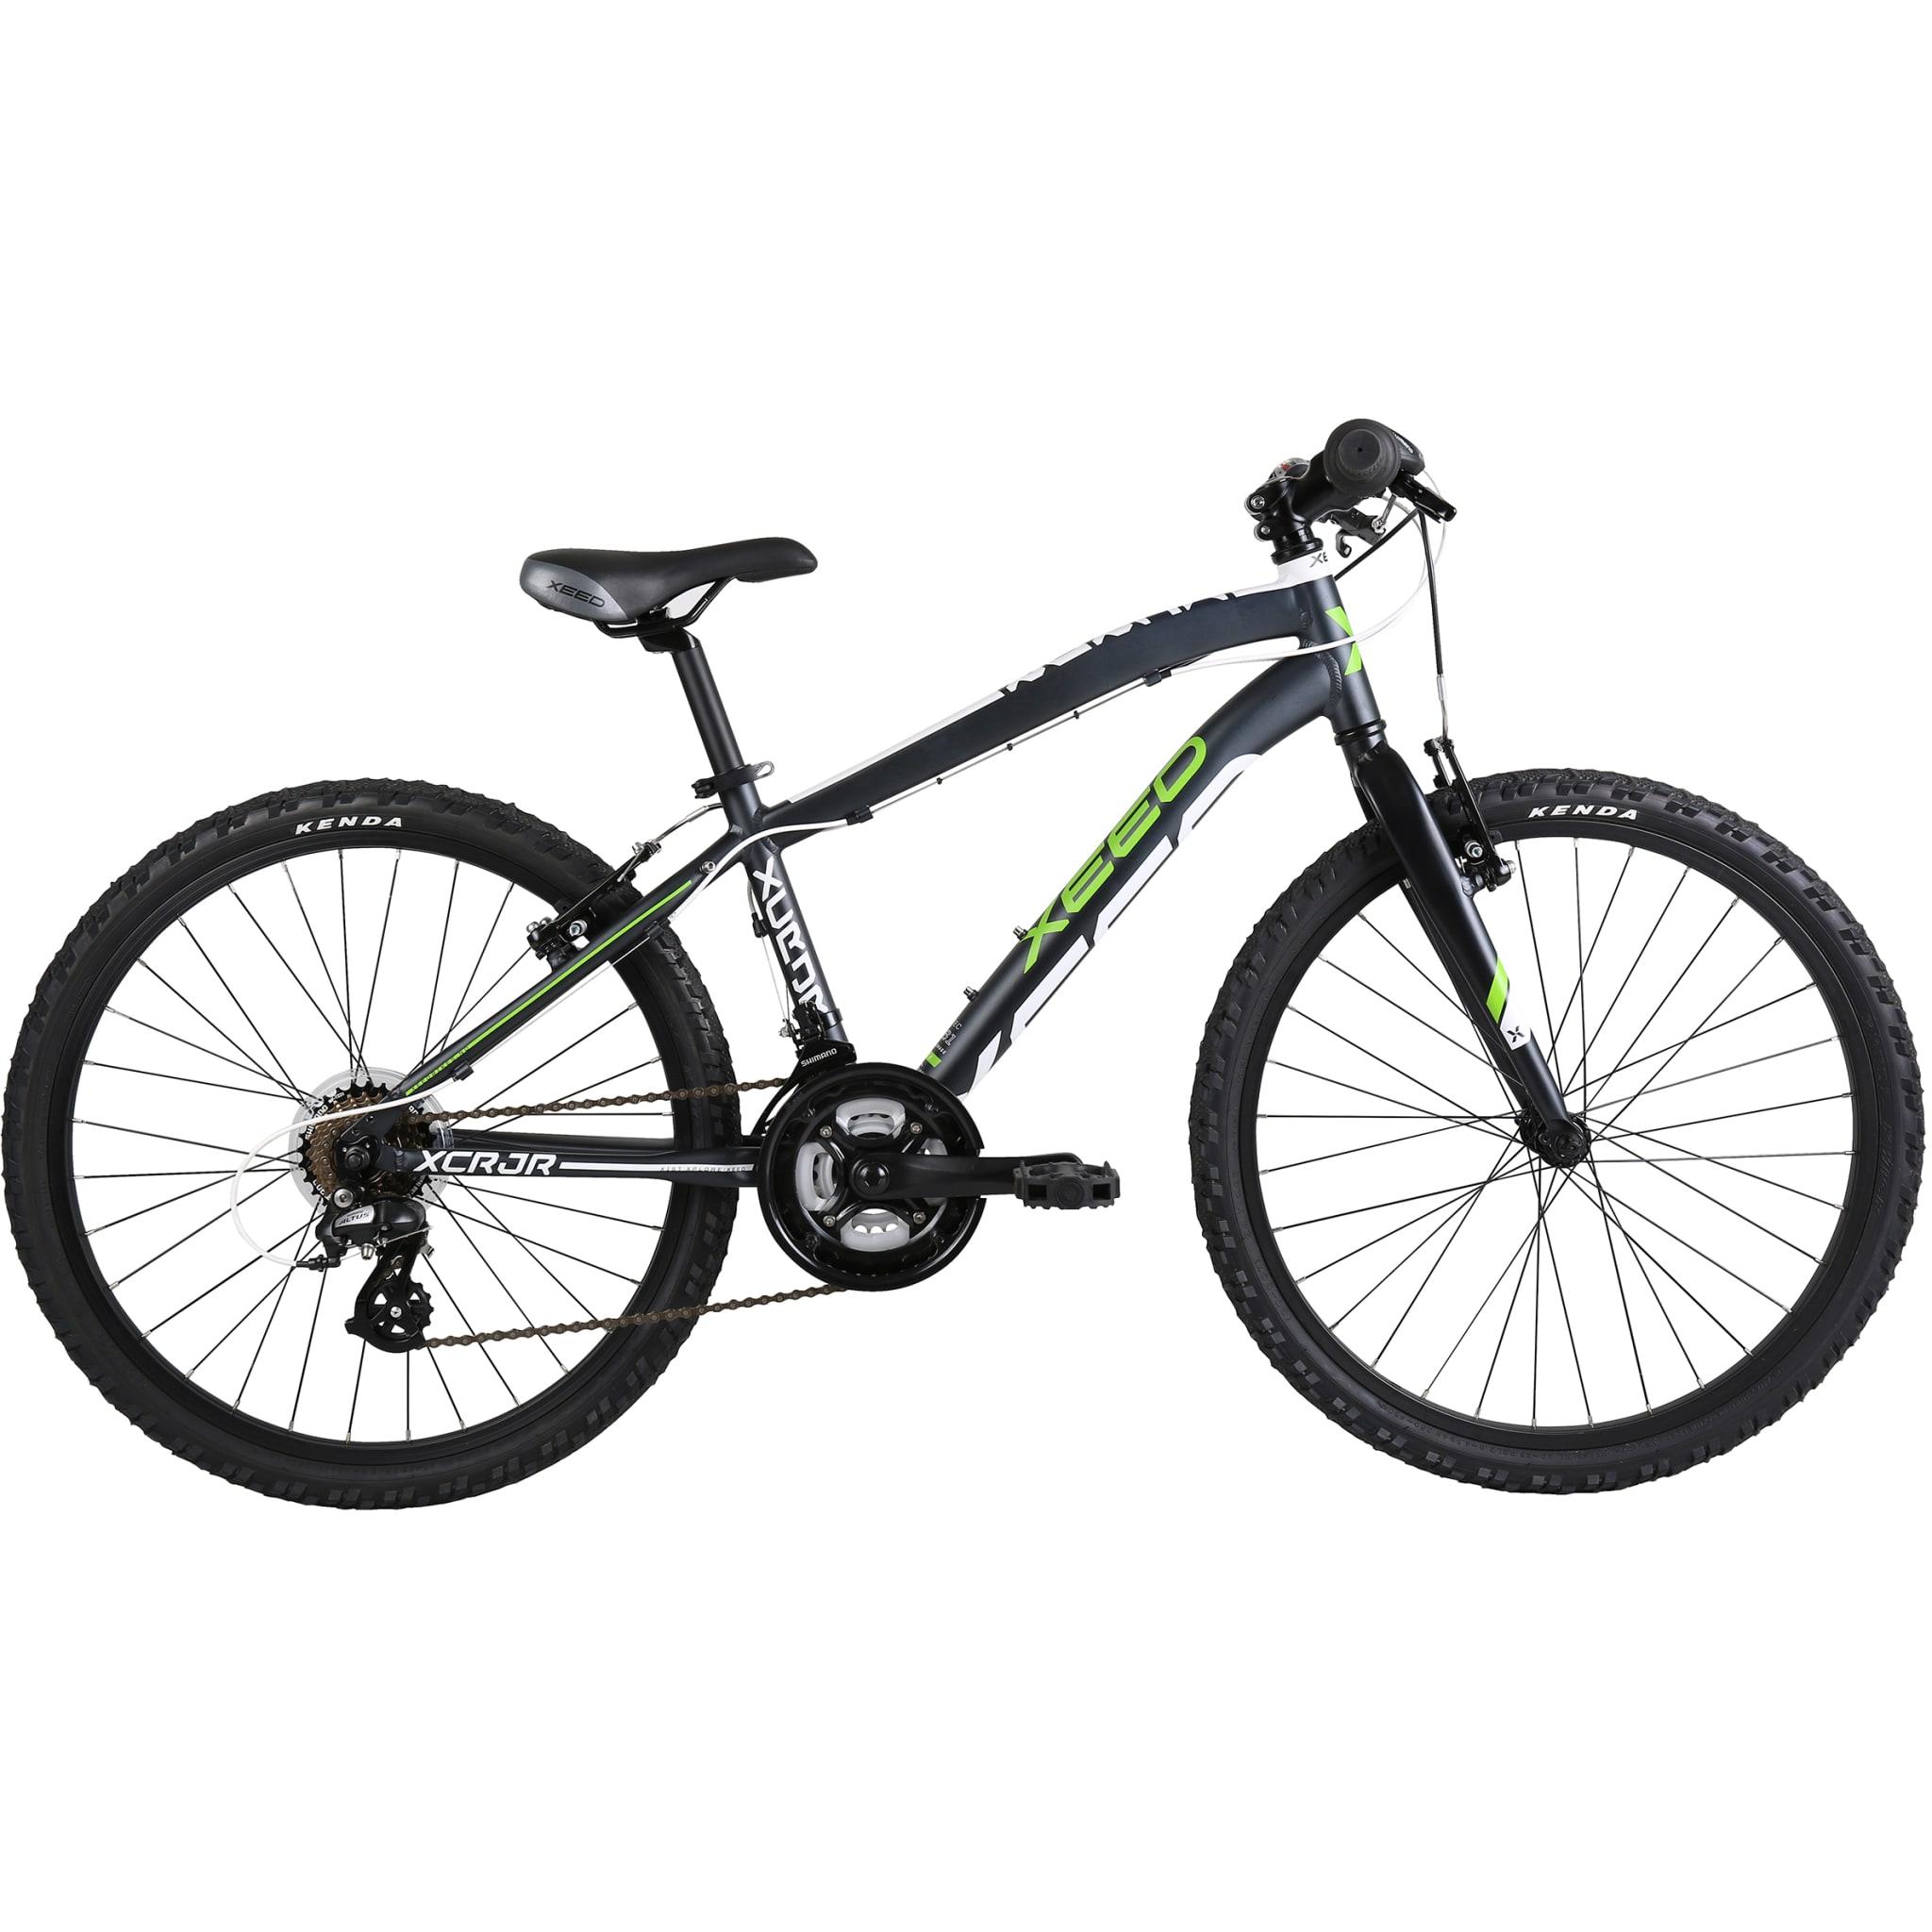 Lettvekts sykkel for 8-12 år.